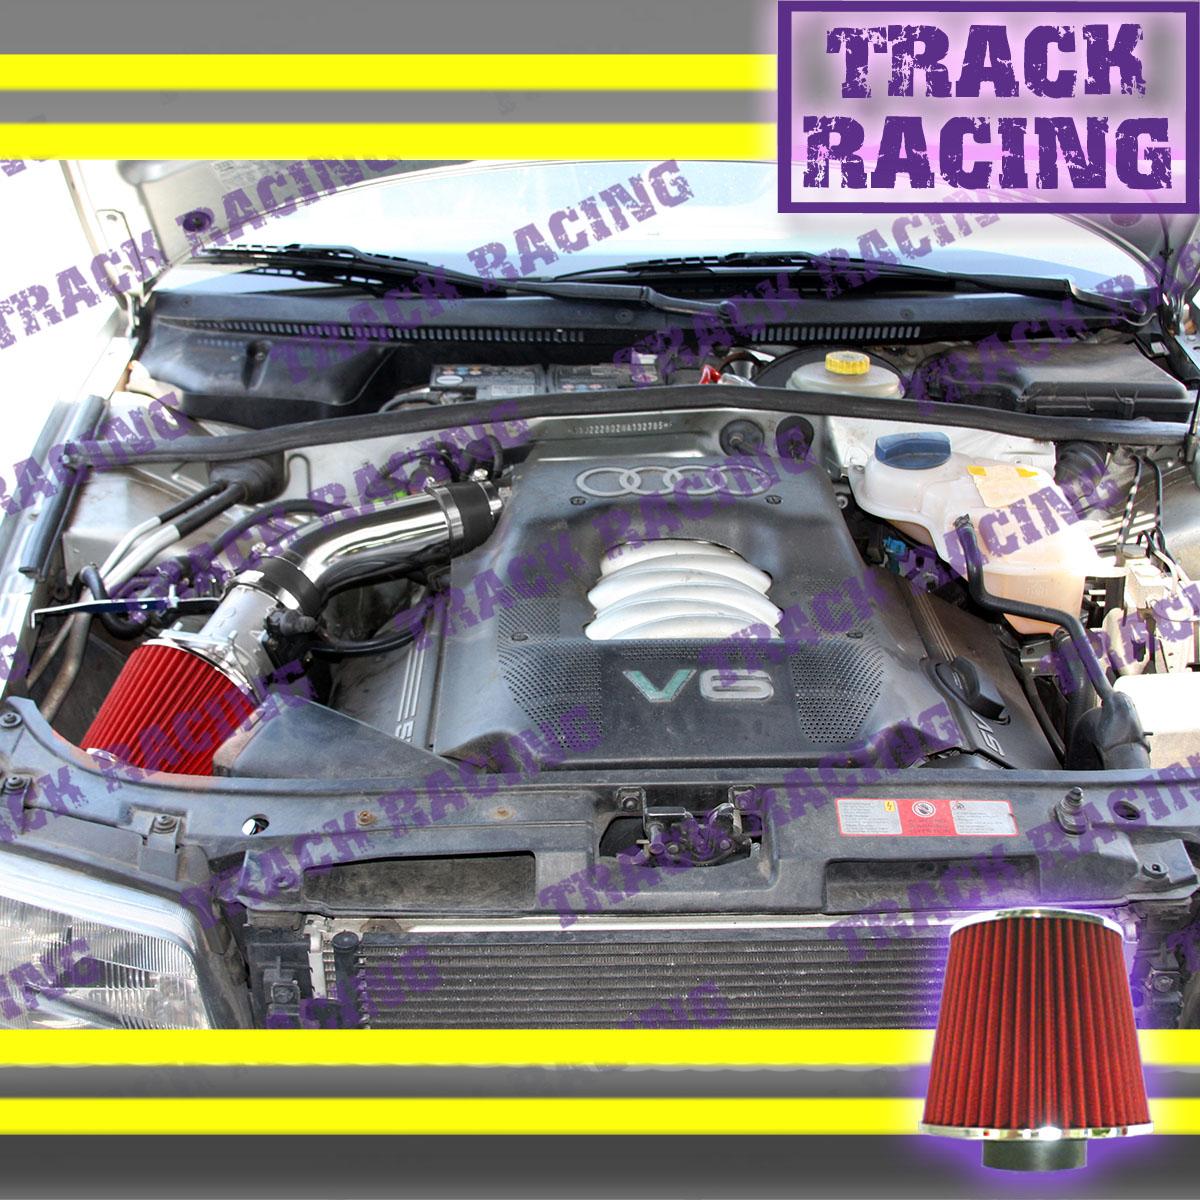 94 95 96 97 98 99 00 01 Audi A4 A6 Cabriolet 2 8l V6 Air